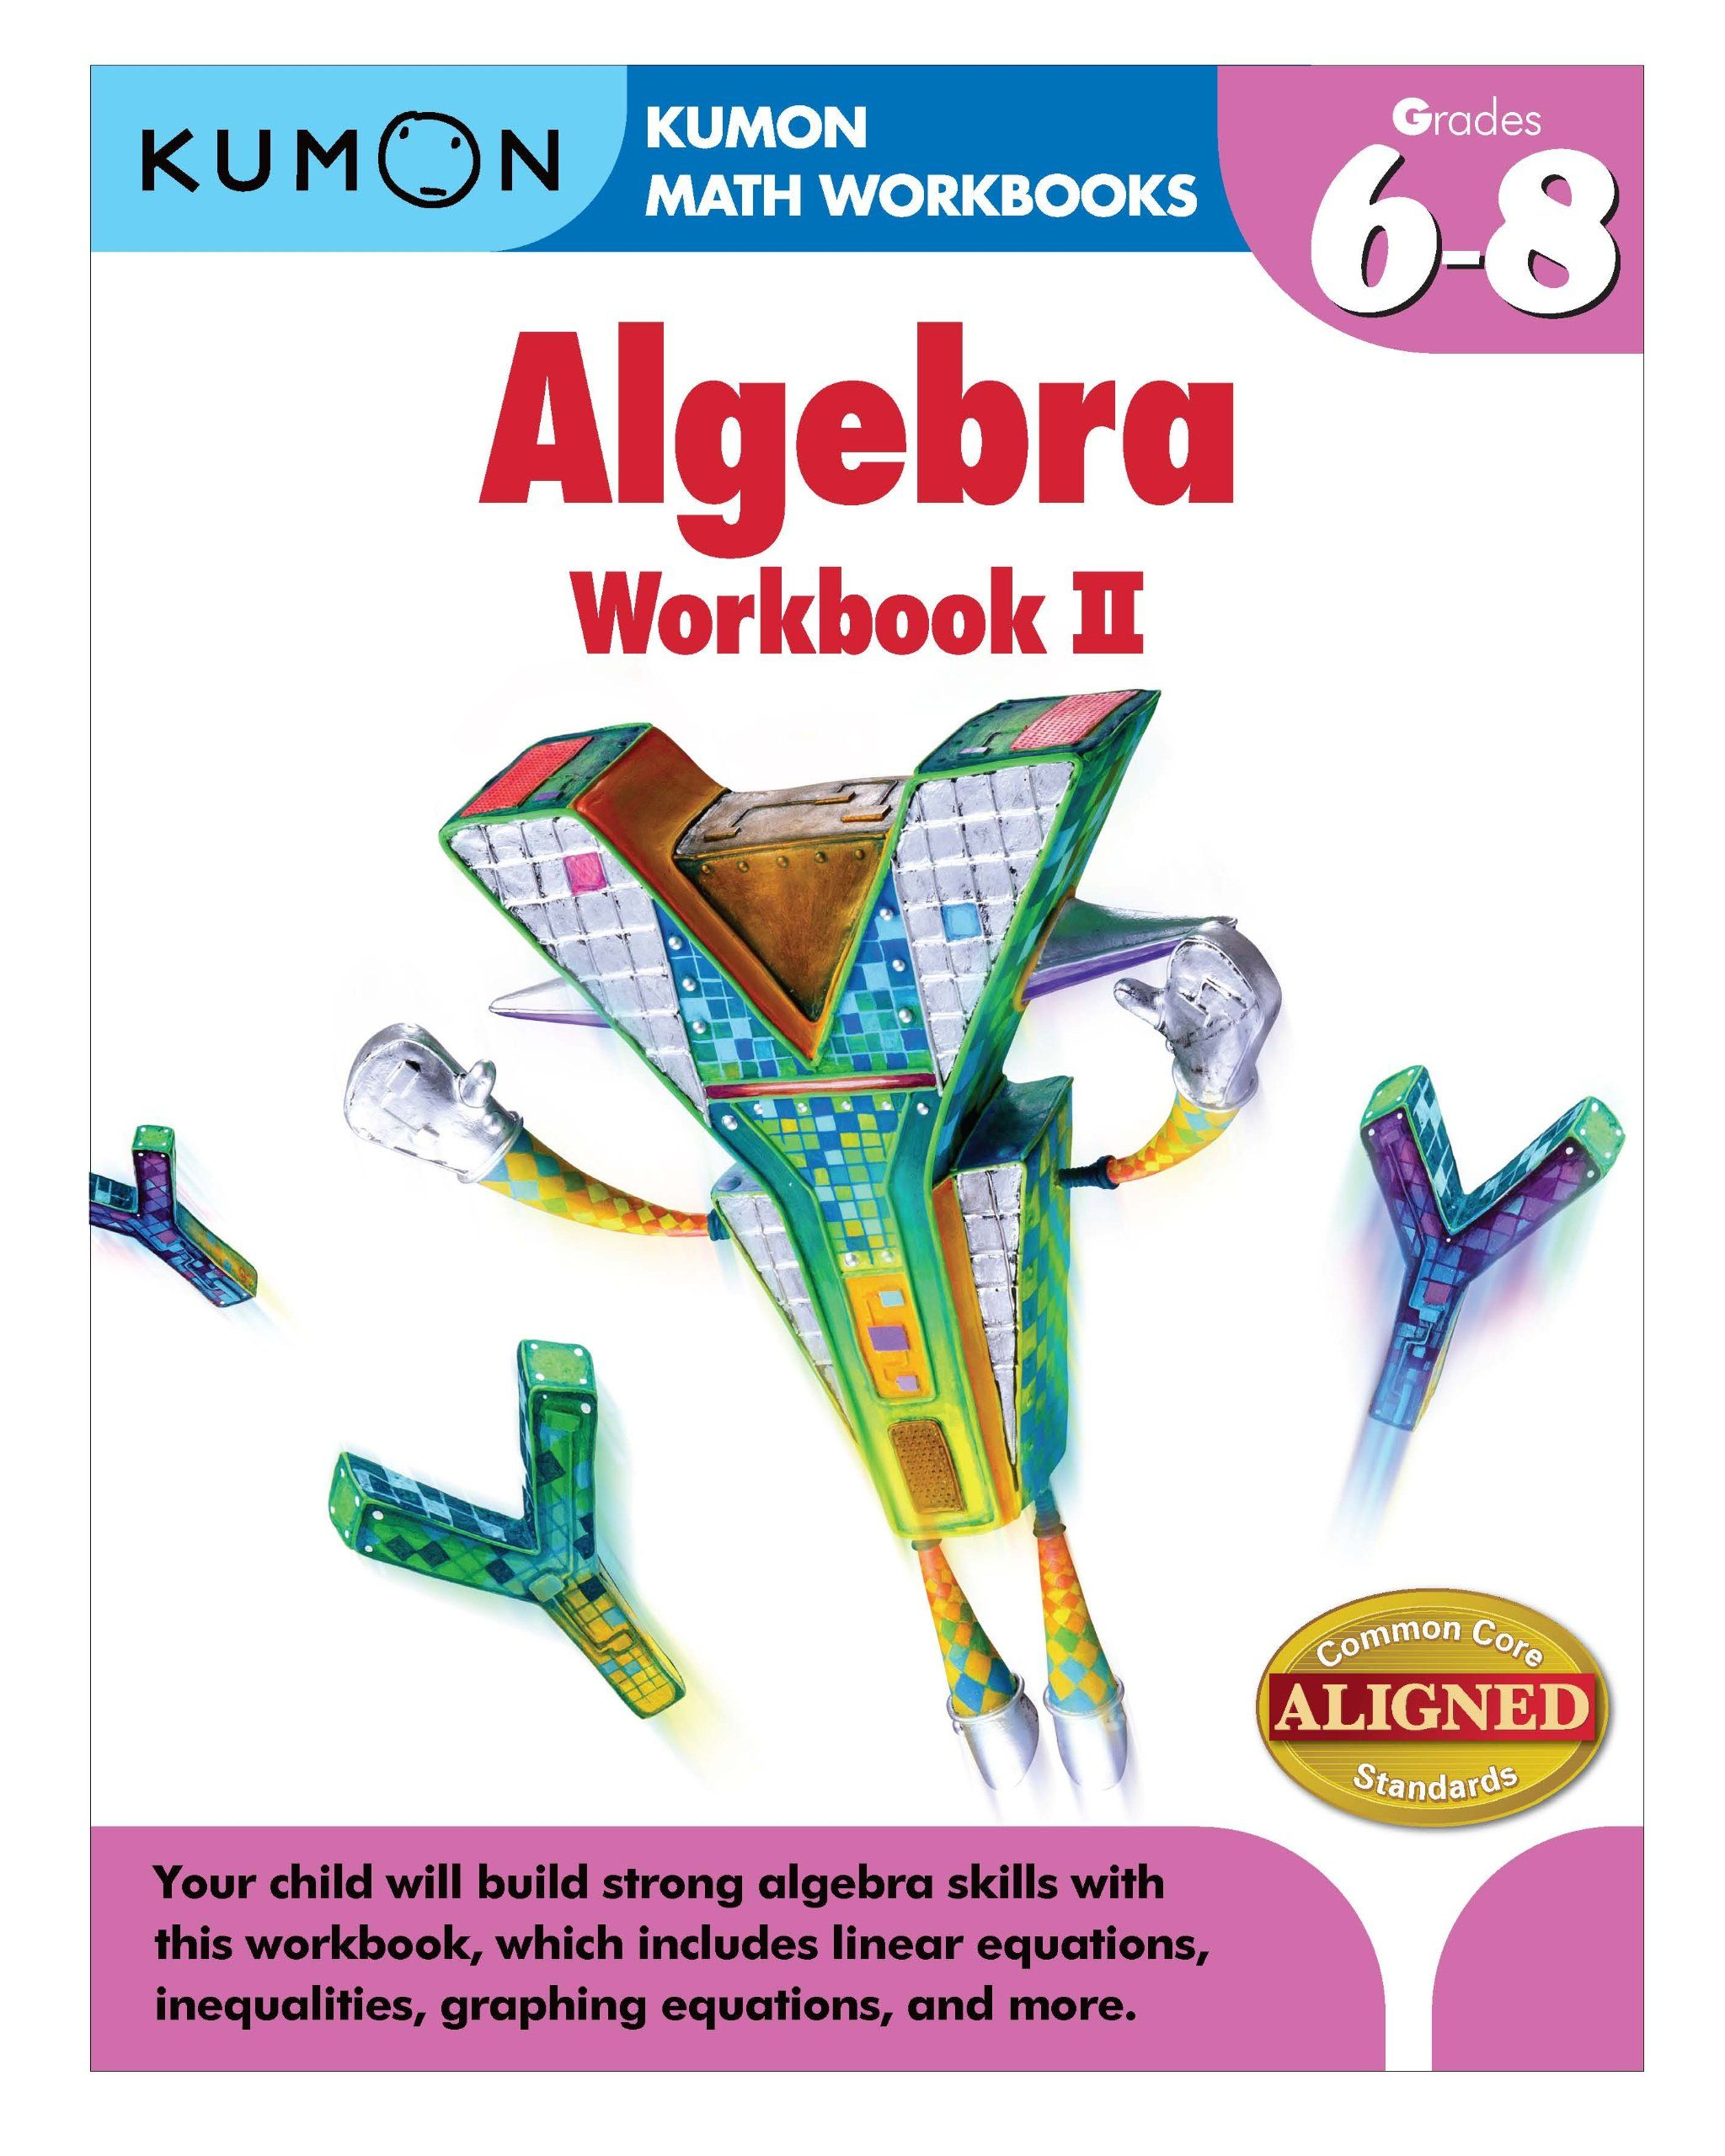 Kumon Algebra Workbook Ii Kumon Math Workbooks Jason Wang Kumon Publishing 9781935800866 Amazon Com [ 2560 x 2048 Pixel ]